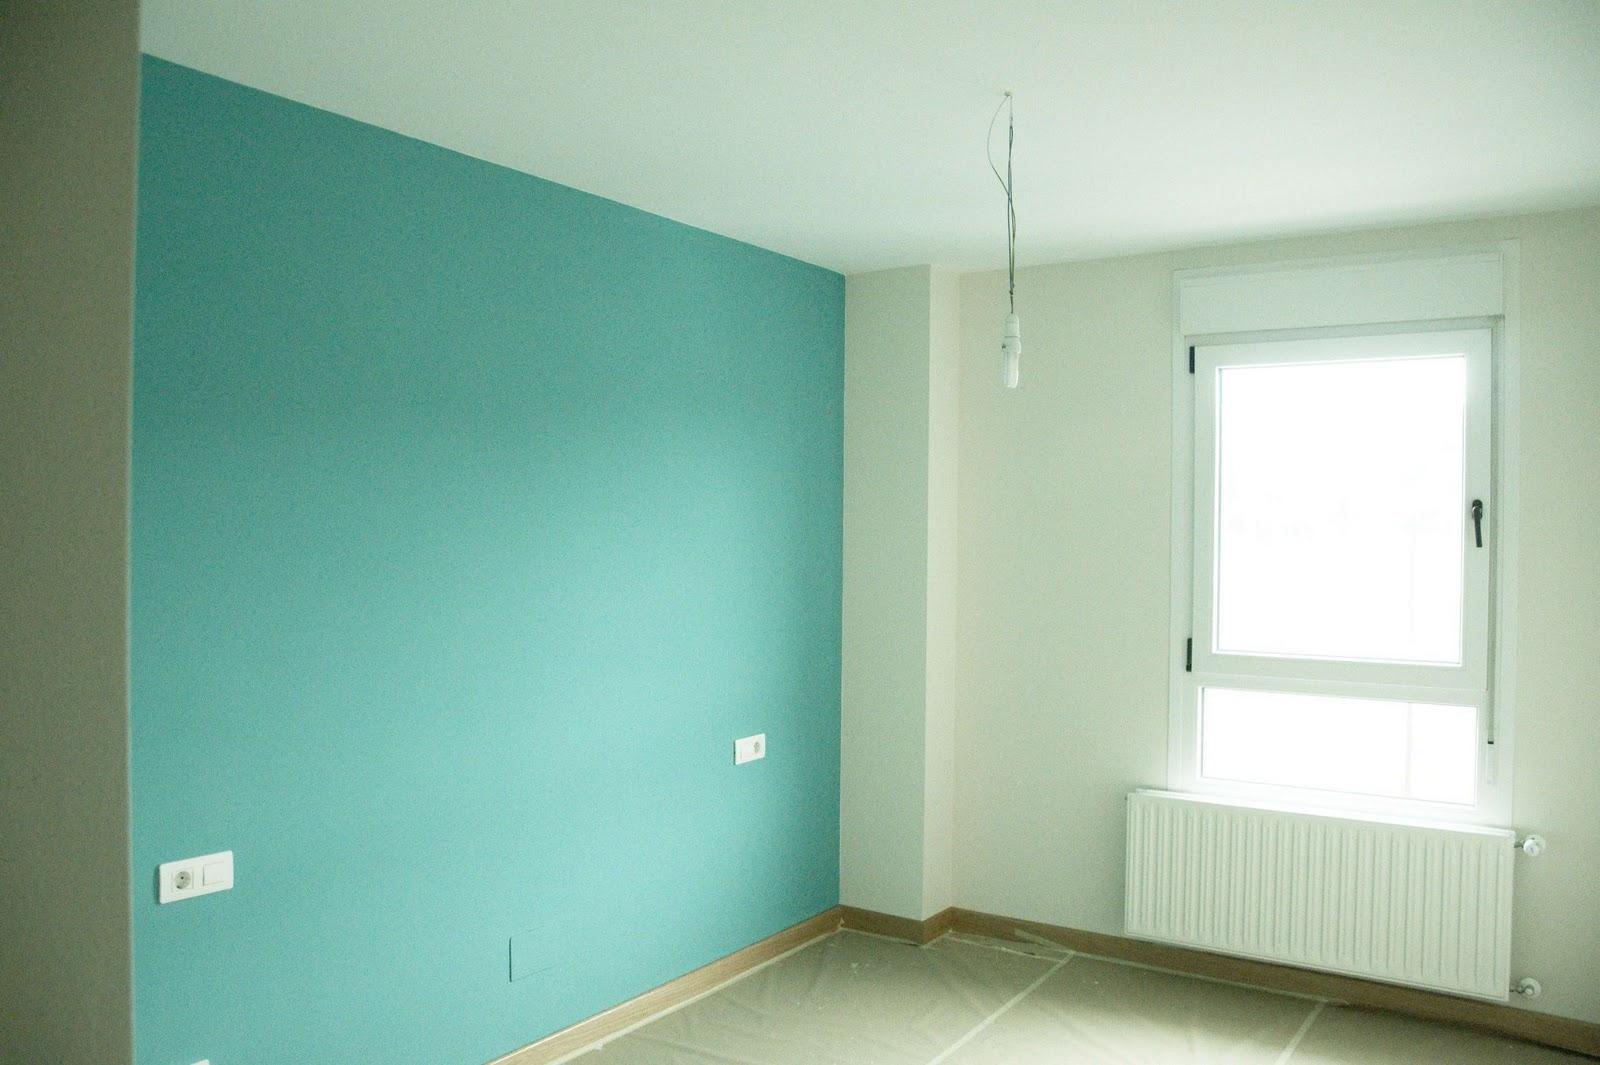 Isaac pintura febrero 2012 - Color turquesa en paredes ...